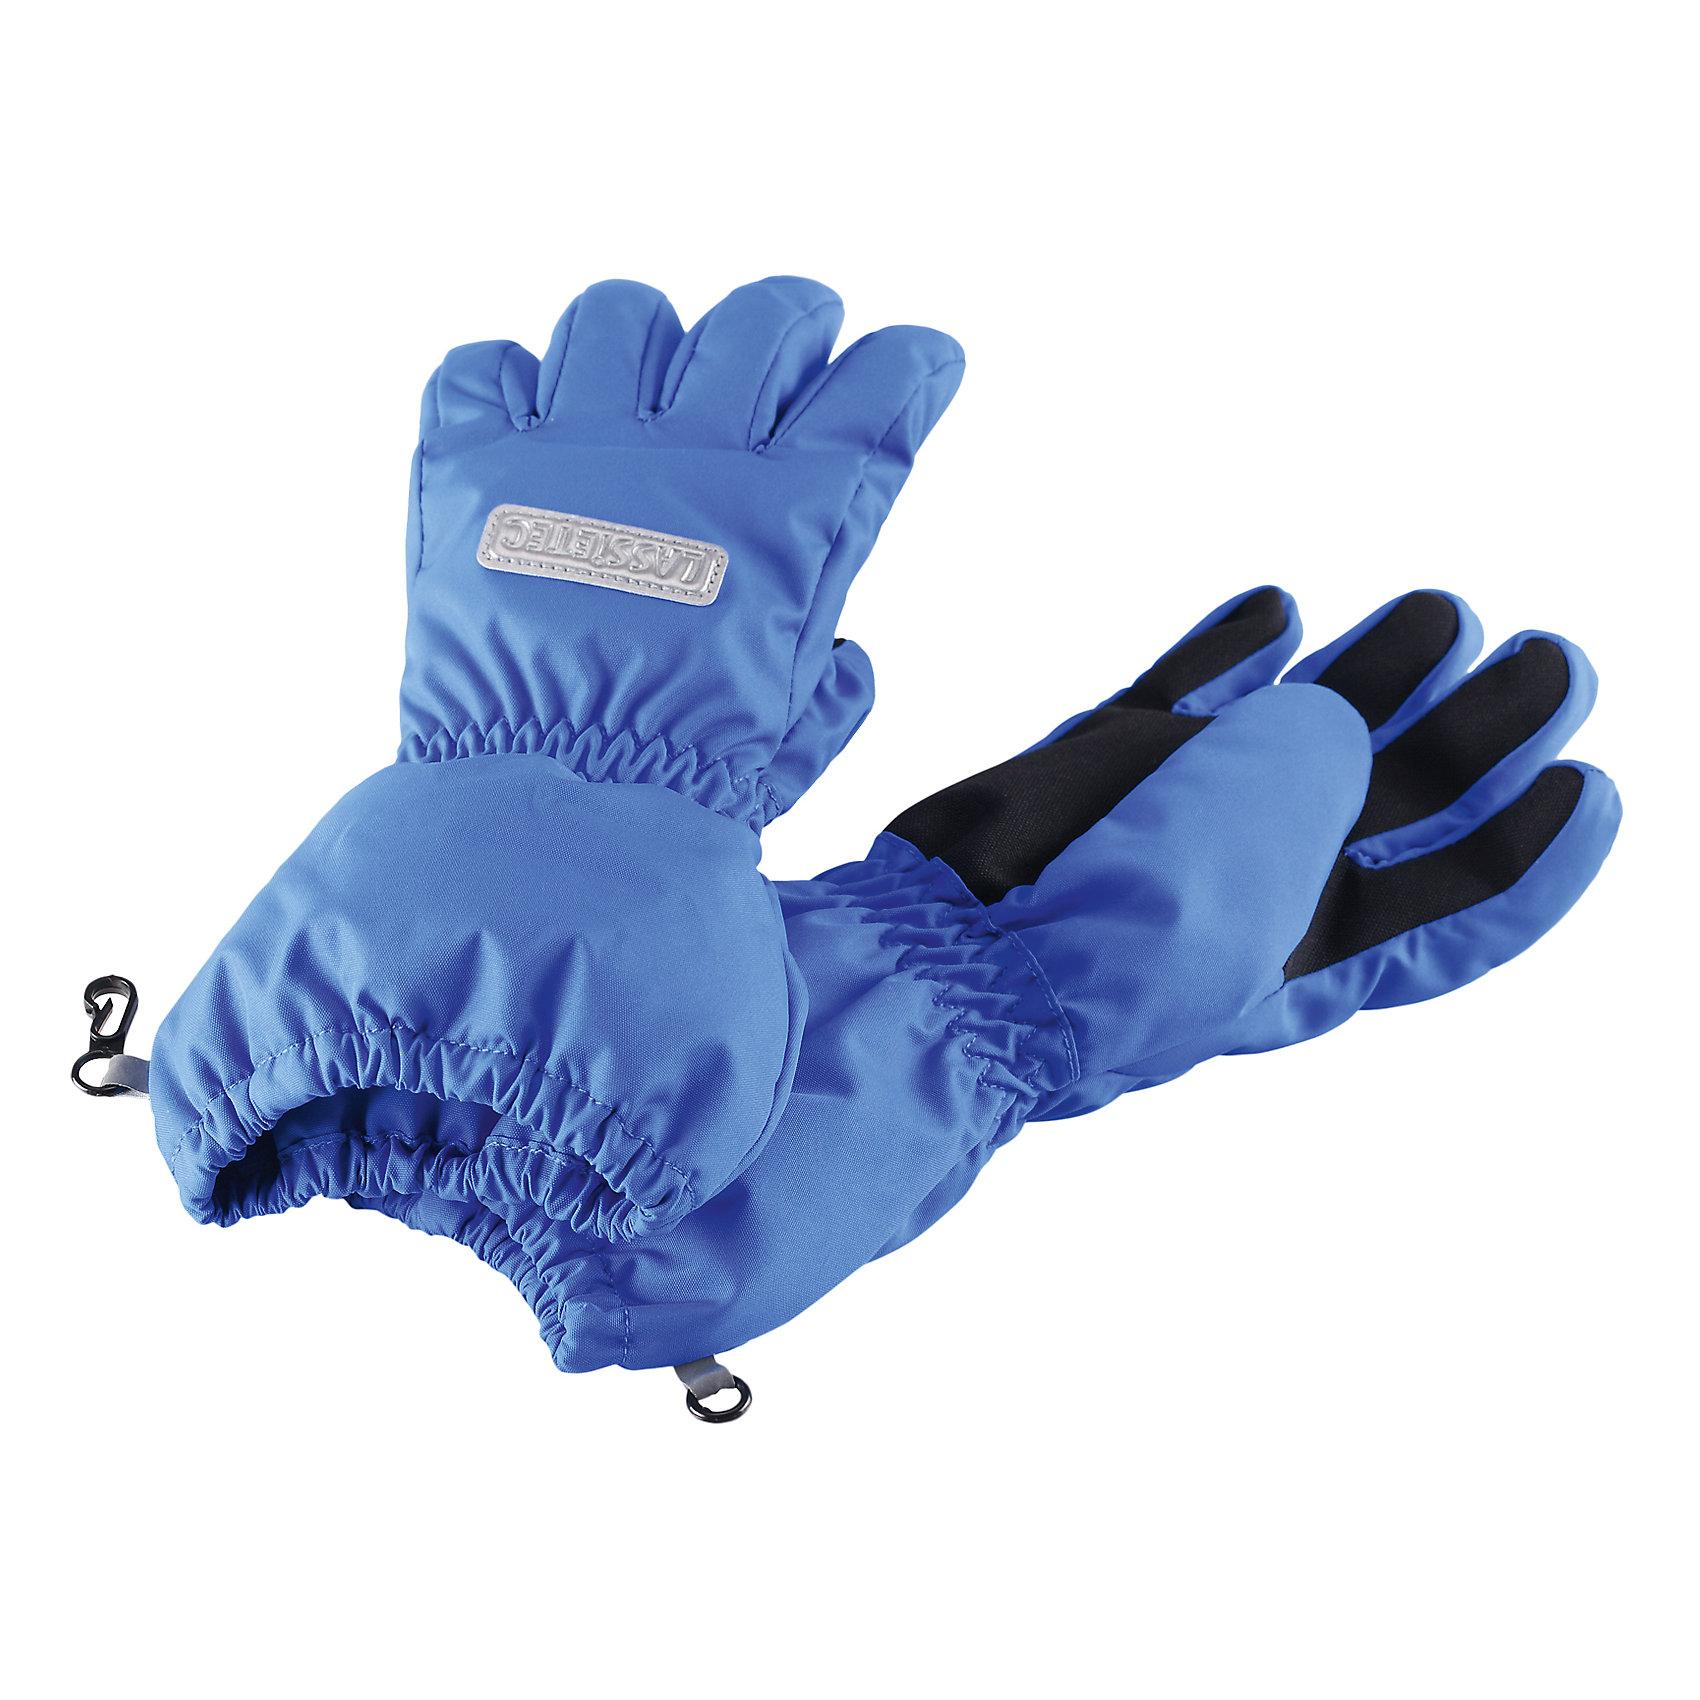 Перчатки  LASSIEПерчатки, варежки<br>Зимние перчатки для детей Lassietec®. Водонепроницаемая вставка. Водо- и ветронепроницаемый «дышащий» материал. Накладки на ладонях, кончиках пальцев и больших пальцах. Подкладка из полиэстера с начесом.Средняя степень утепления. Светоотражающая эмблема Lassie®.<br>Состав:<br>100% ПЭ, ПУ-покрытие<br><br>Ширина мм: 162<br>Глубина мм: 171<br>Высота мм: 55<br>Вес г: 119<br>Цвет: синий<br>Возраст от месяцев: 24<br>Возраст до месяцев: 48<br>Пол: Унисекс<br>Возраст: Детский<br>Размер: 3<br>SKU: 5309429